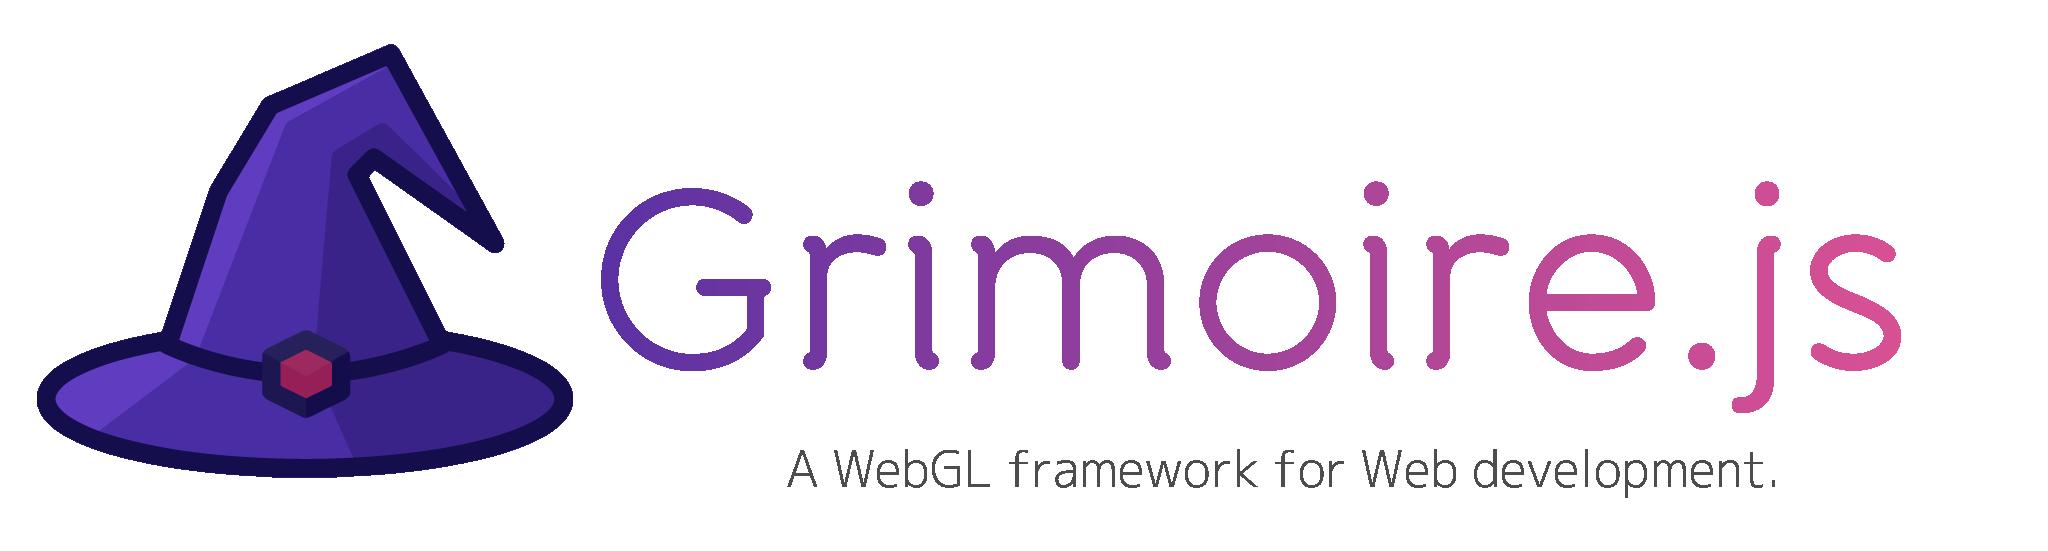 20 marcos WebGL de código abierto